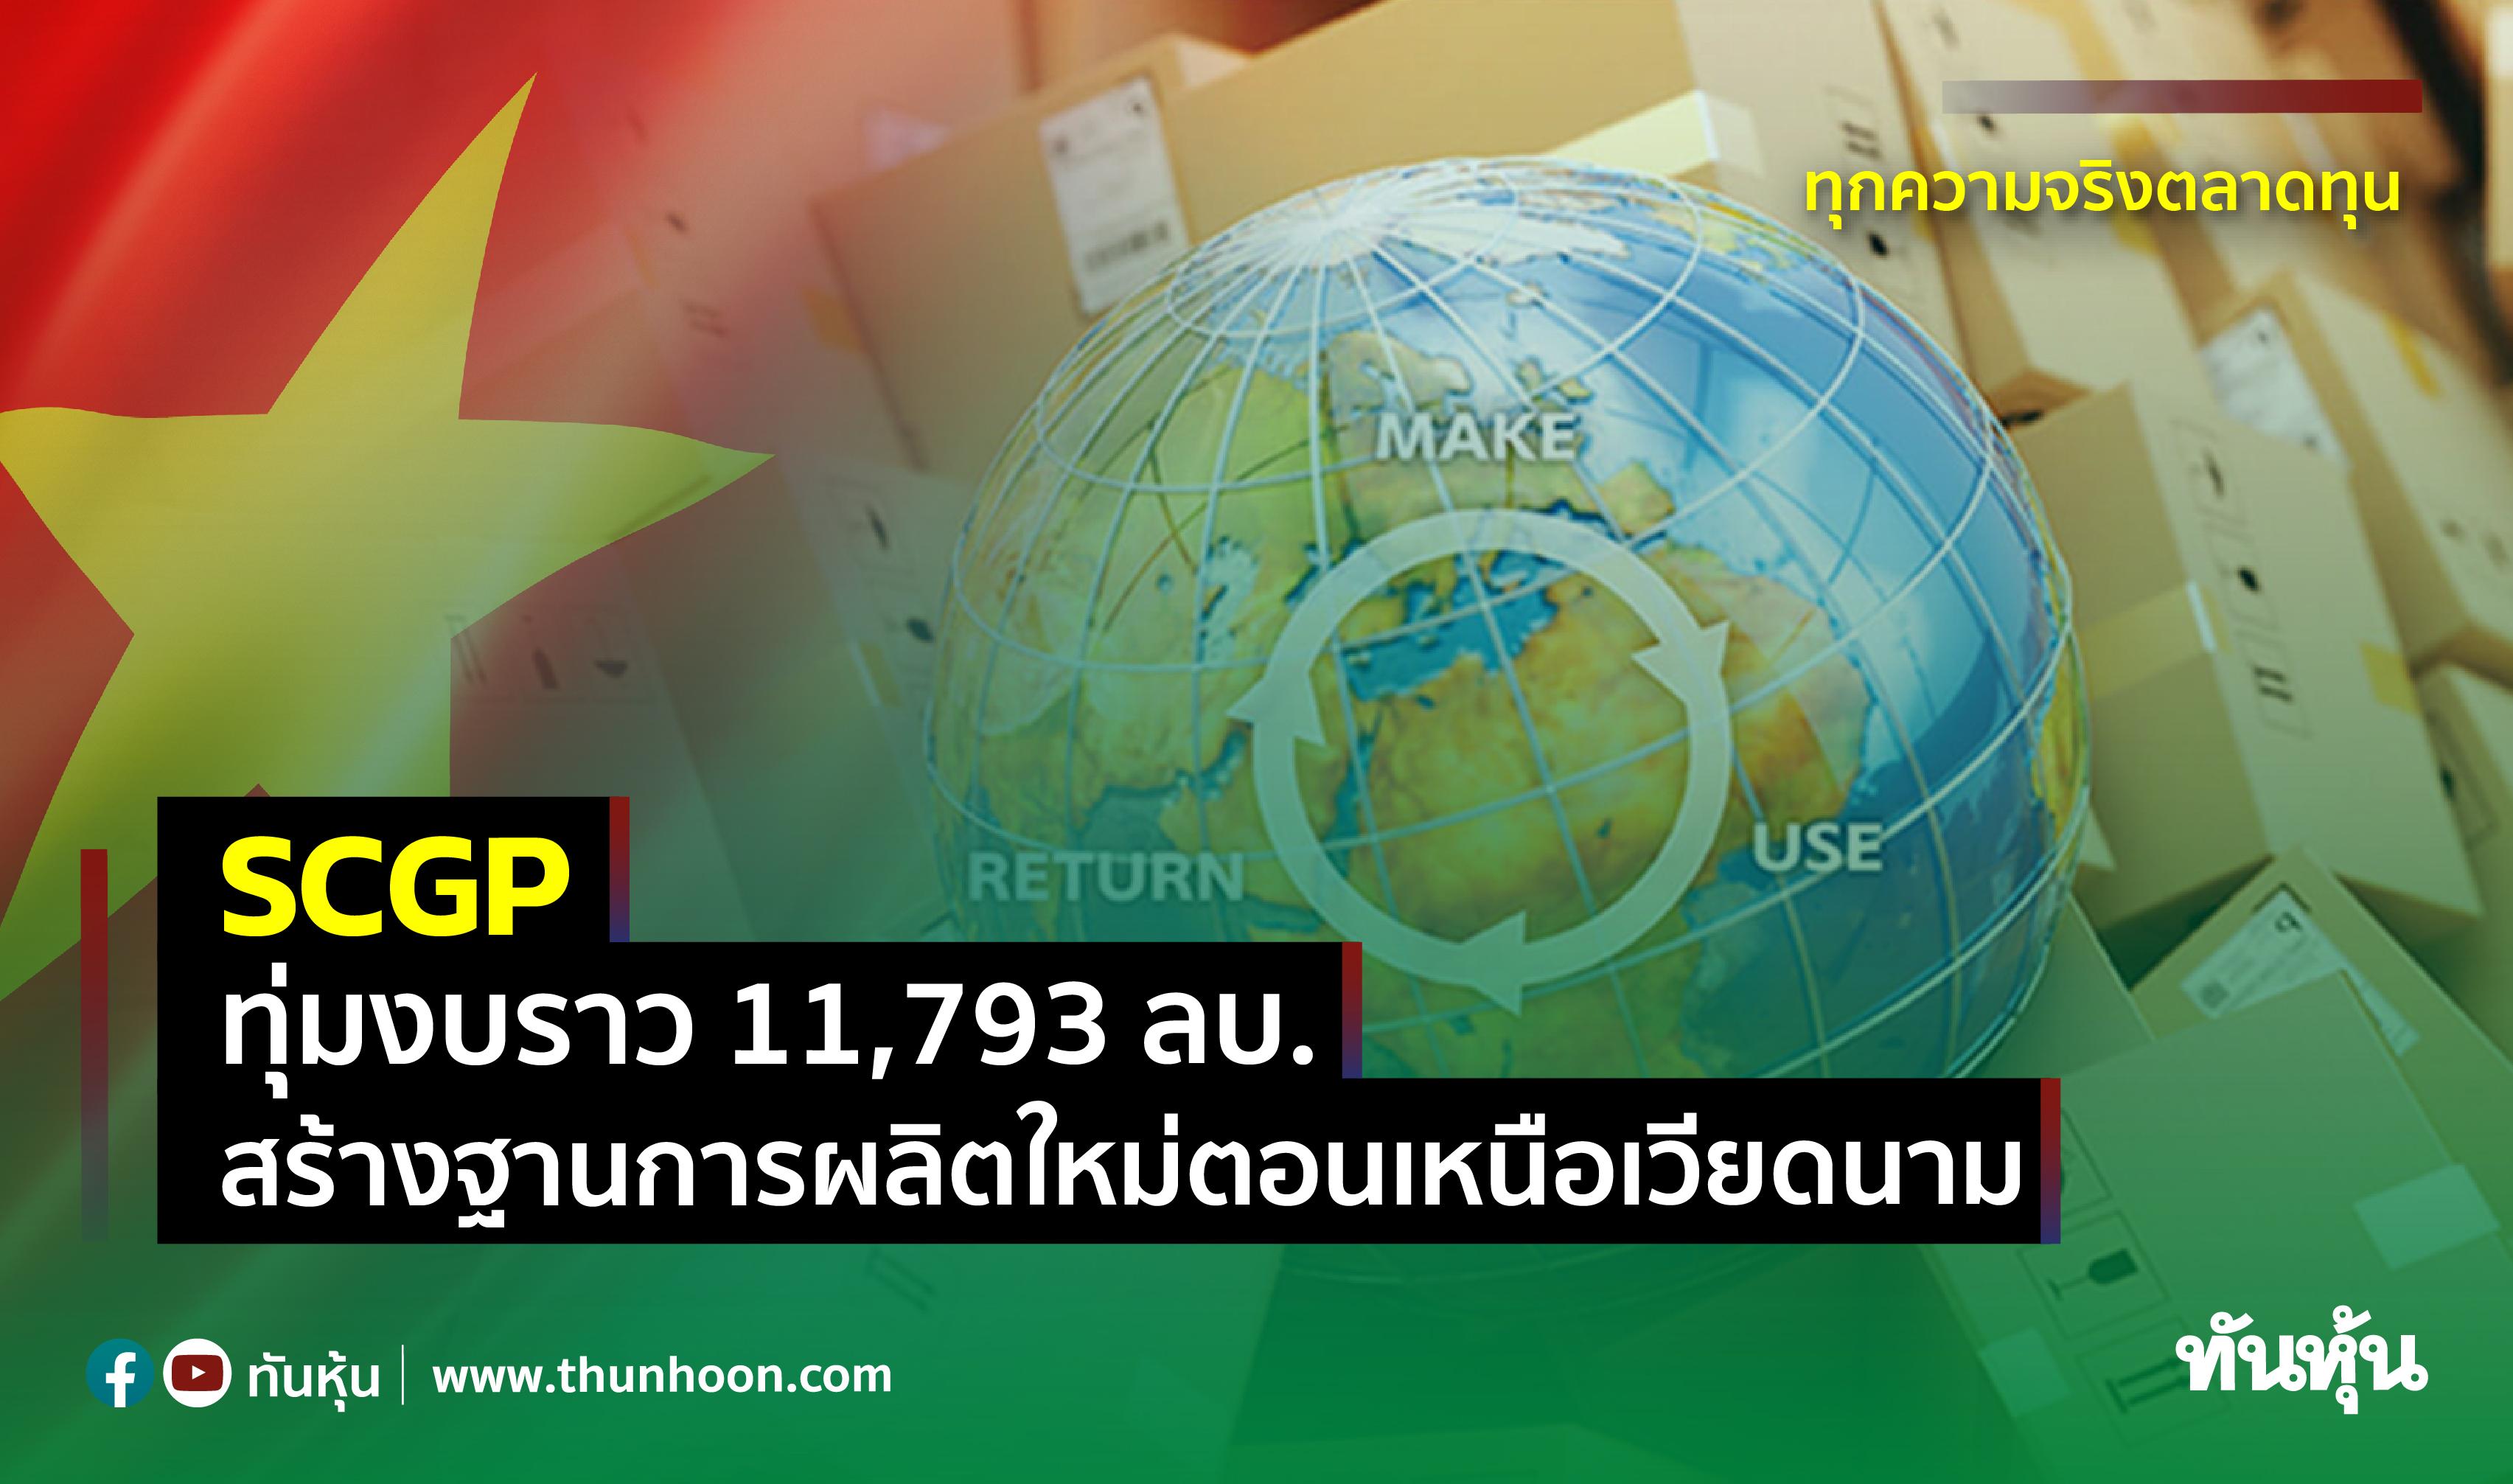 SCGP เผยบ.ร่วมทุนทุ่มงบราว 11,793 ลบ. สร้างฐานผลิตใหม่ตอนเหนือเวียดนาม